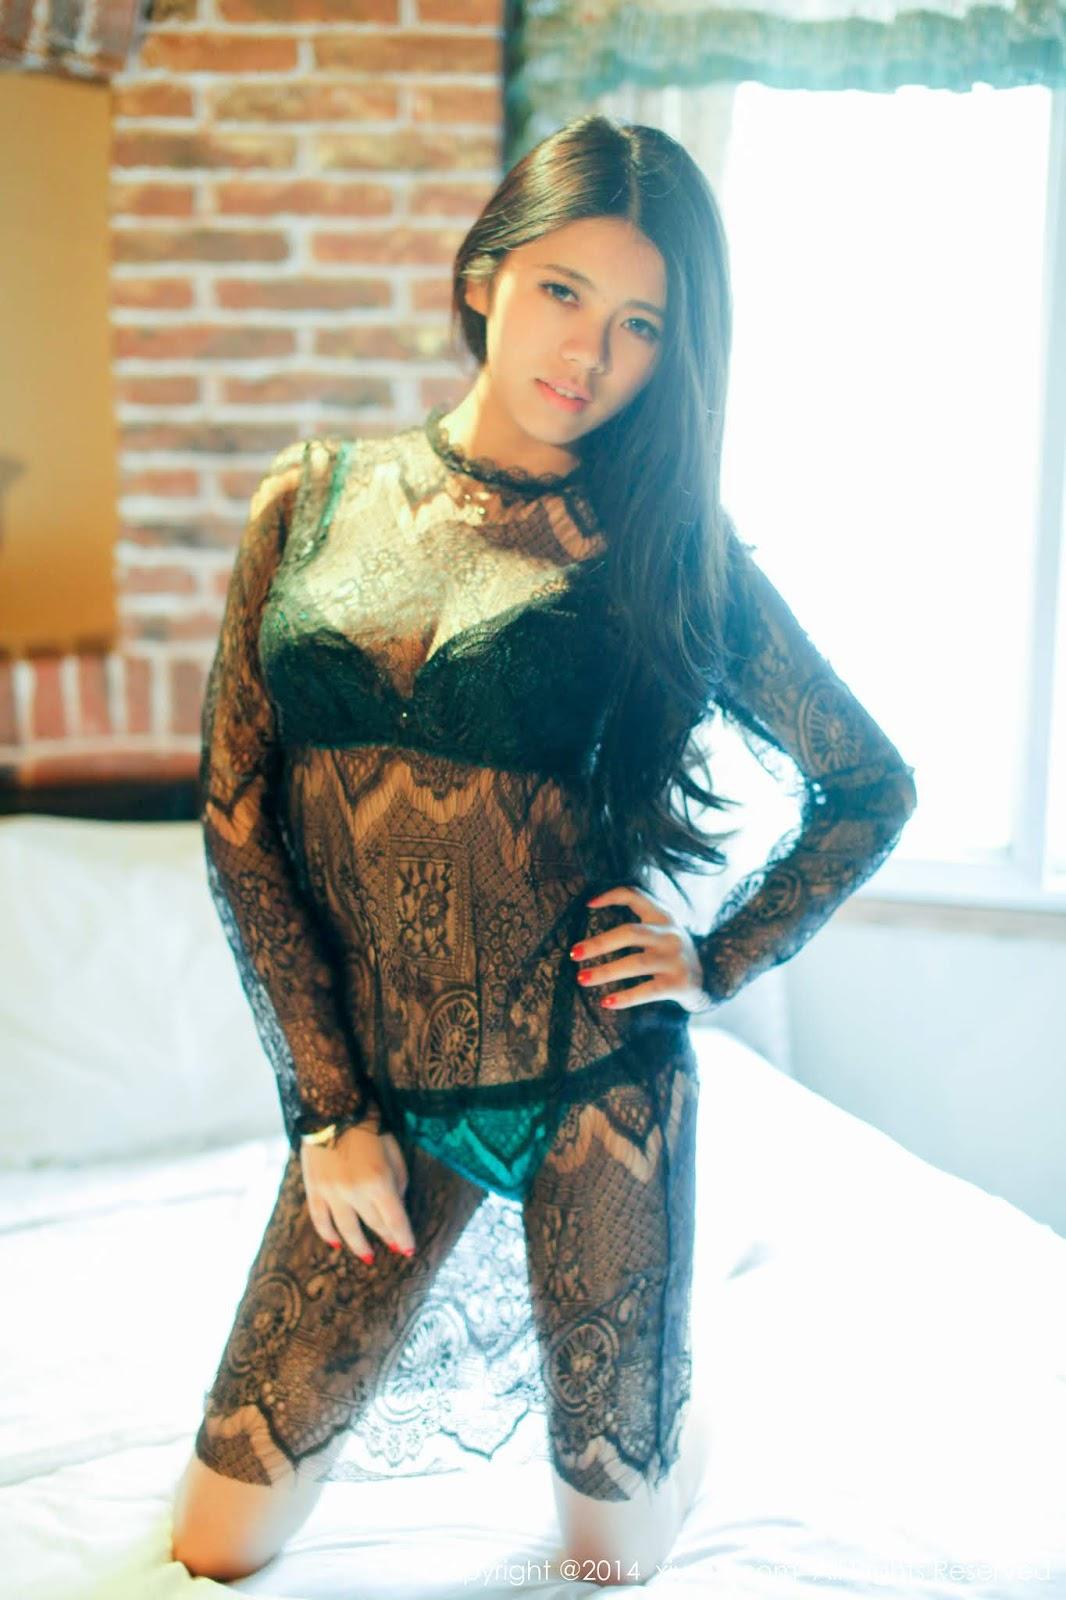 性感嫩模 歐陽妮娜娜 若隱若現的蕾絲上衣好誘人 - 貼圖 - 清涼寫真 -